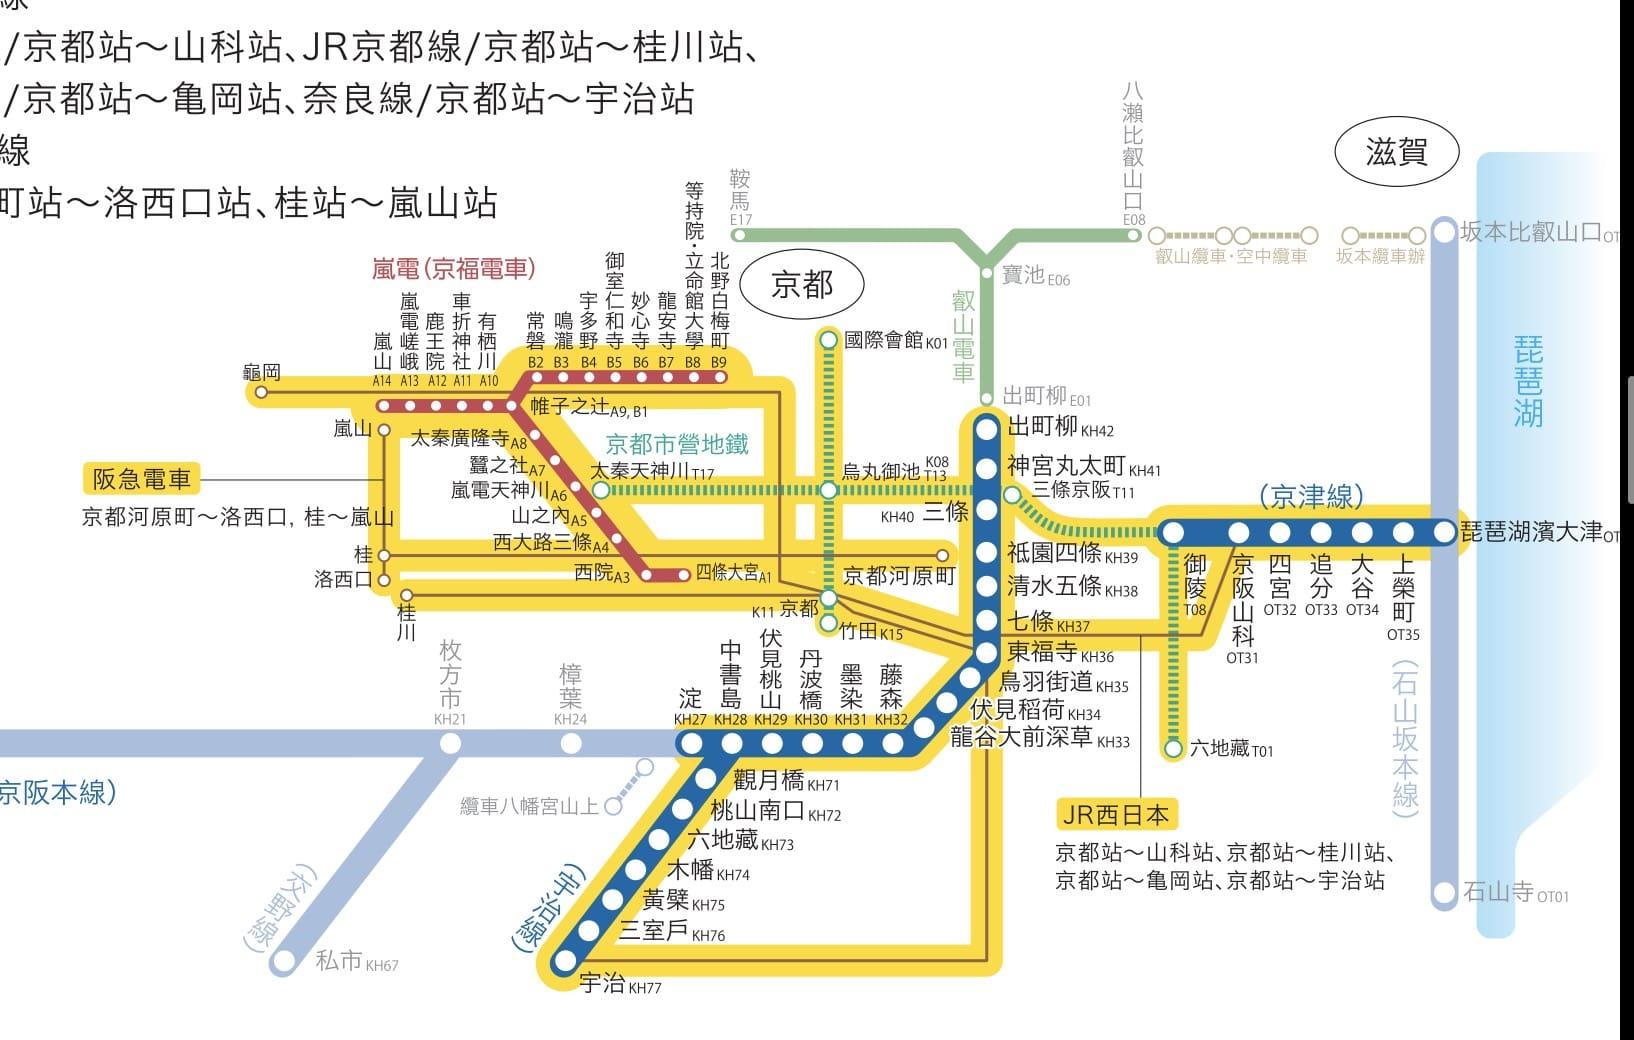 京都嵐山電車交通票券|七張實用嵐山電車一日券整理